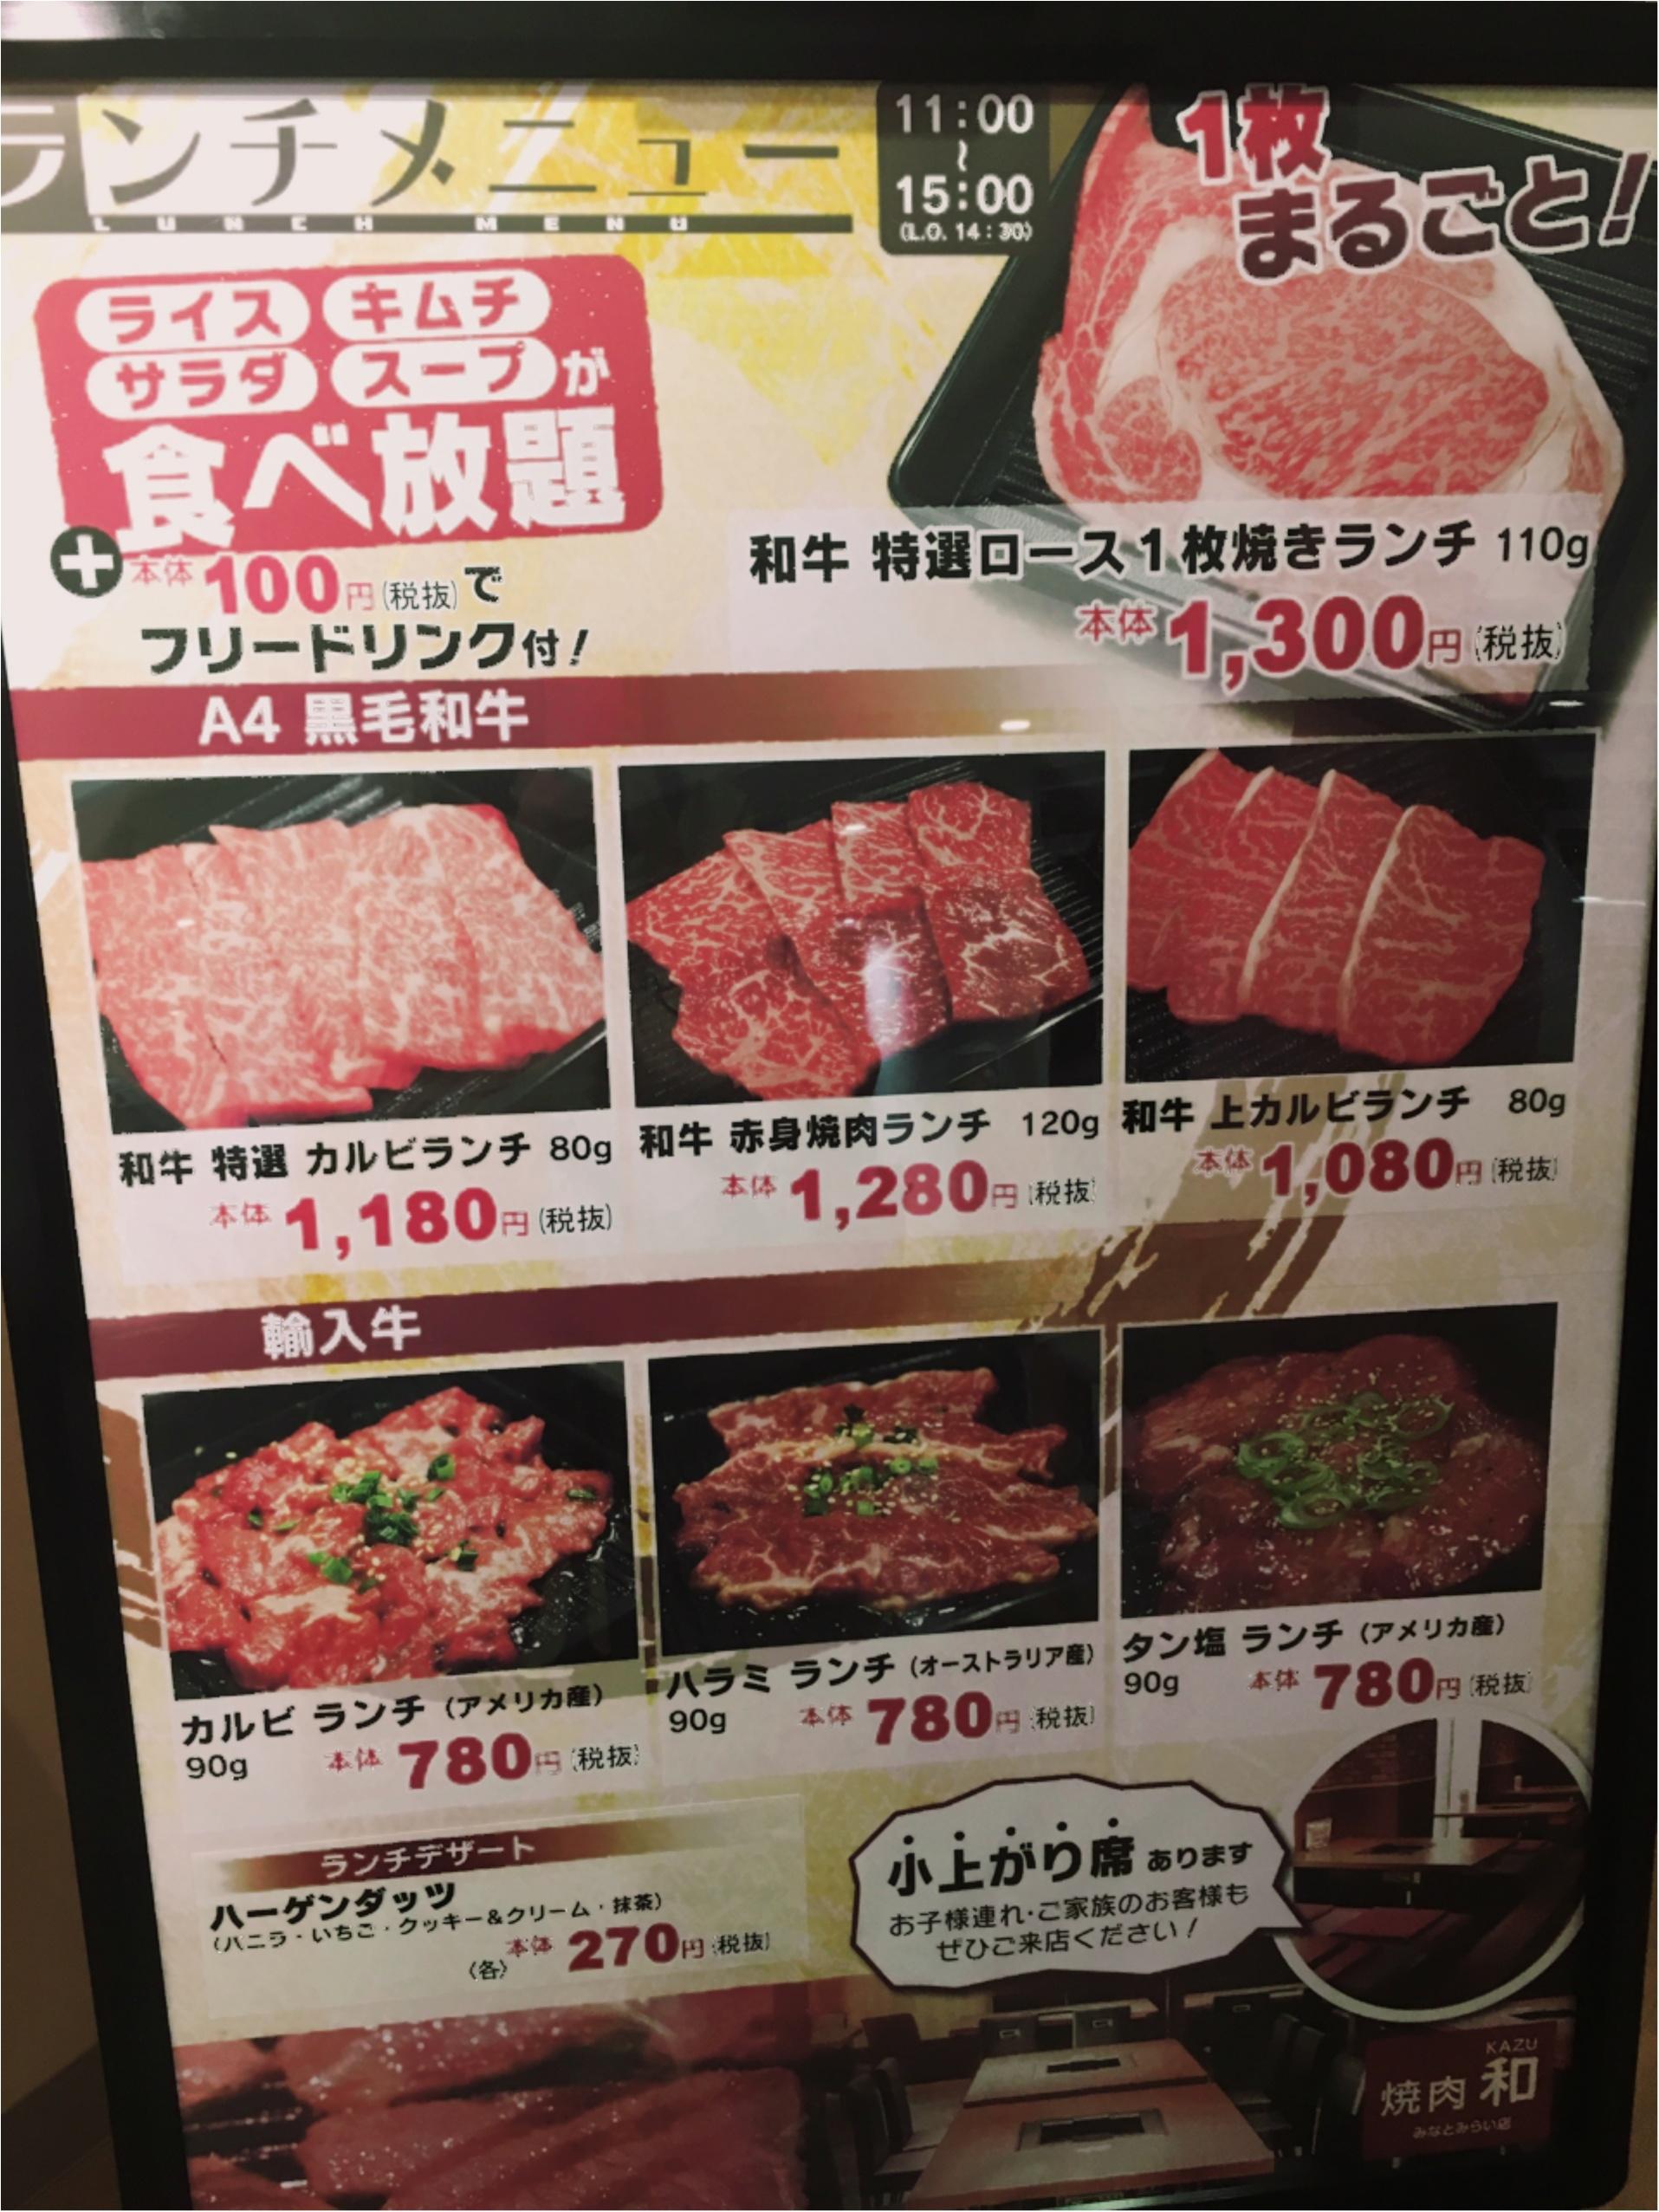 横浜駅から徒歩圏内!巨大スーパーの巨大焼肉をたいらげました★_7